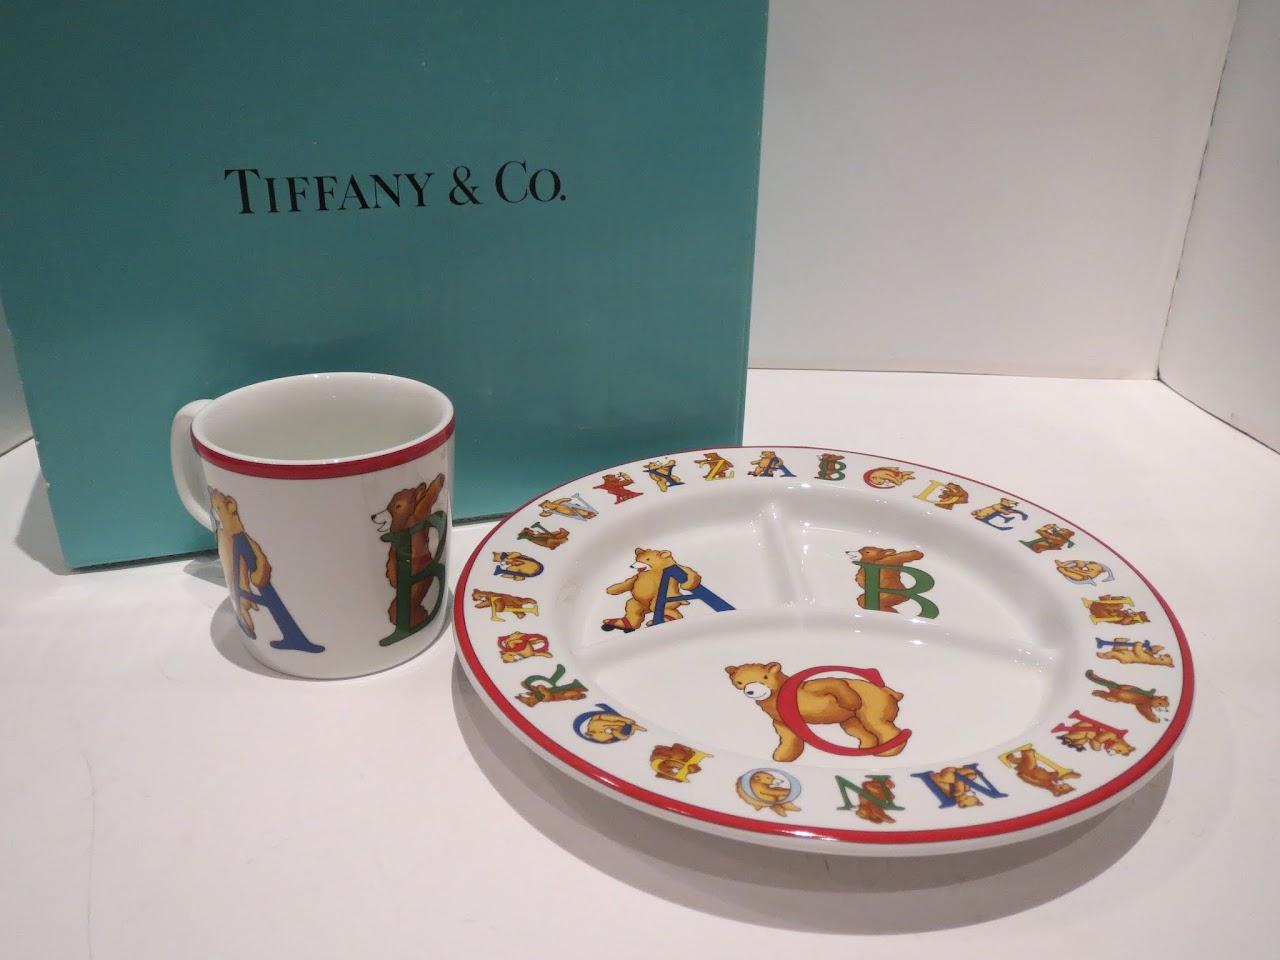 Tiffany & Co. 'Alphabet Bears' Mug and Plate 2